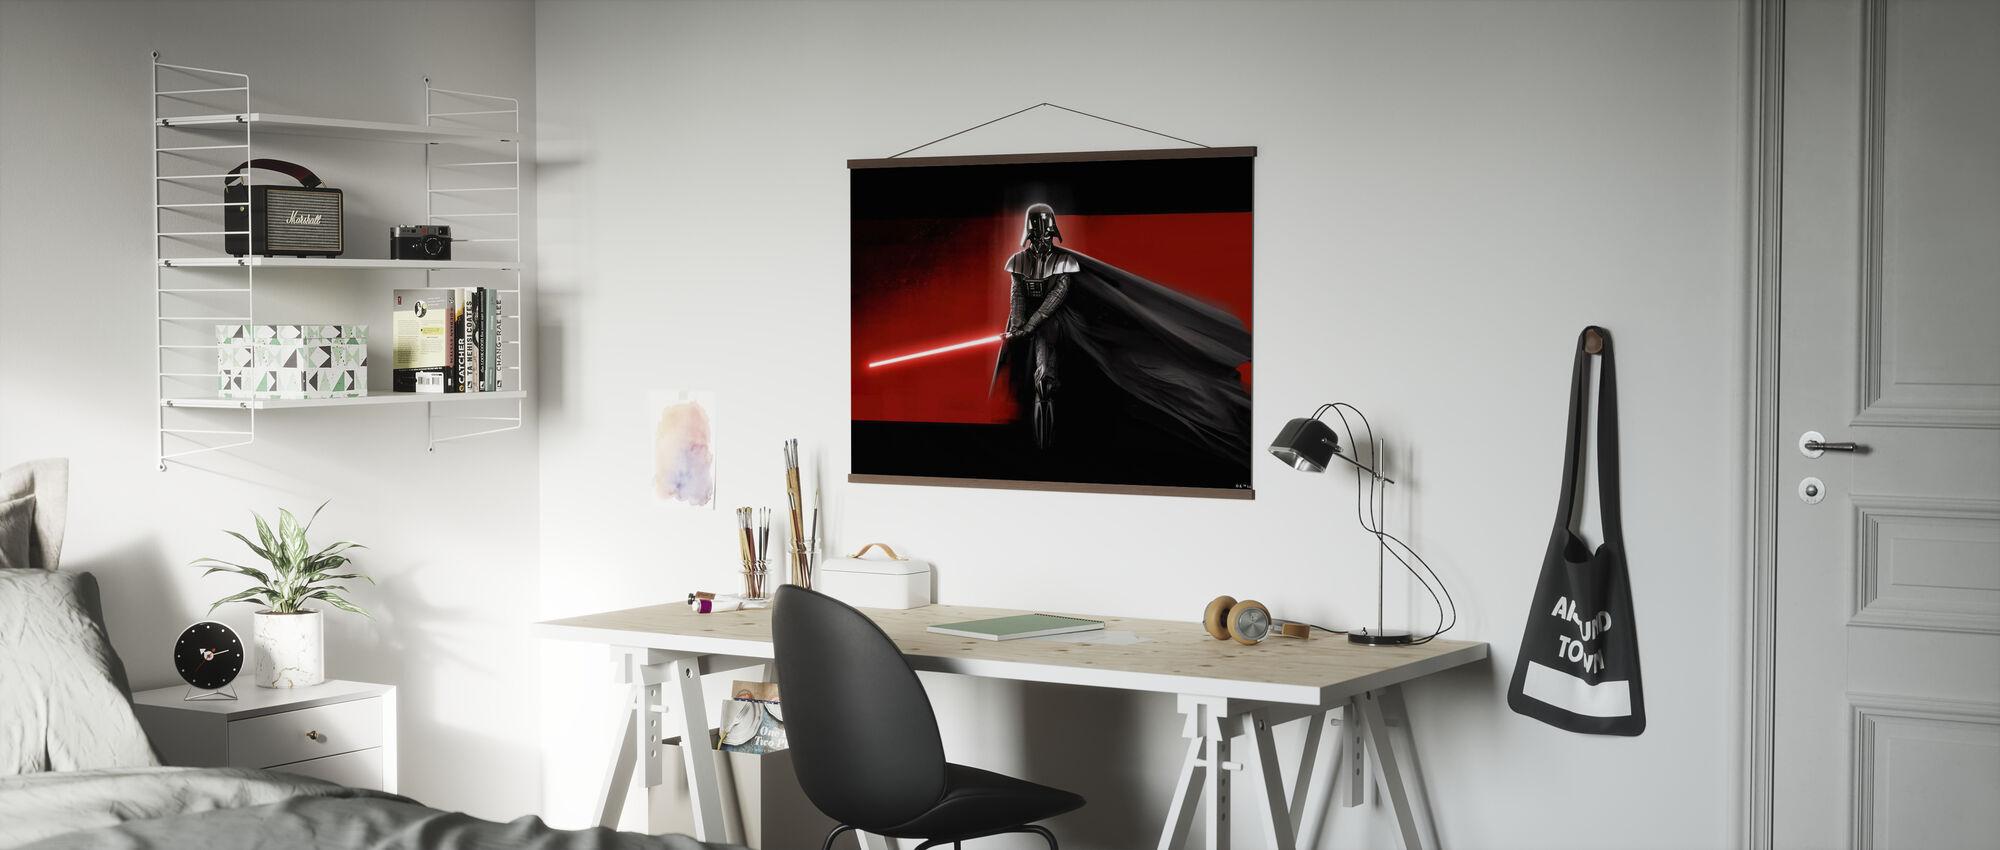 Stjärnornas krig - Darth Vader Röd - Poster - Kontor